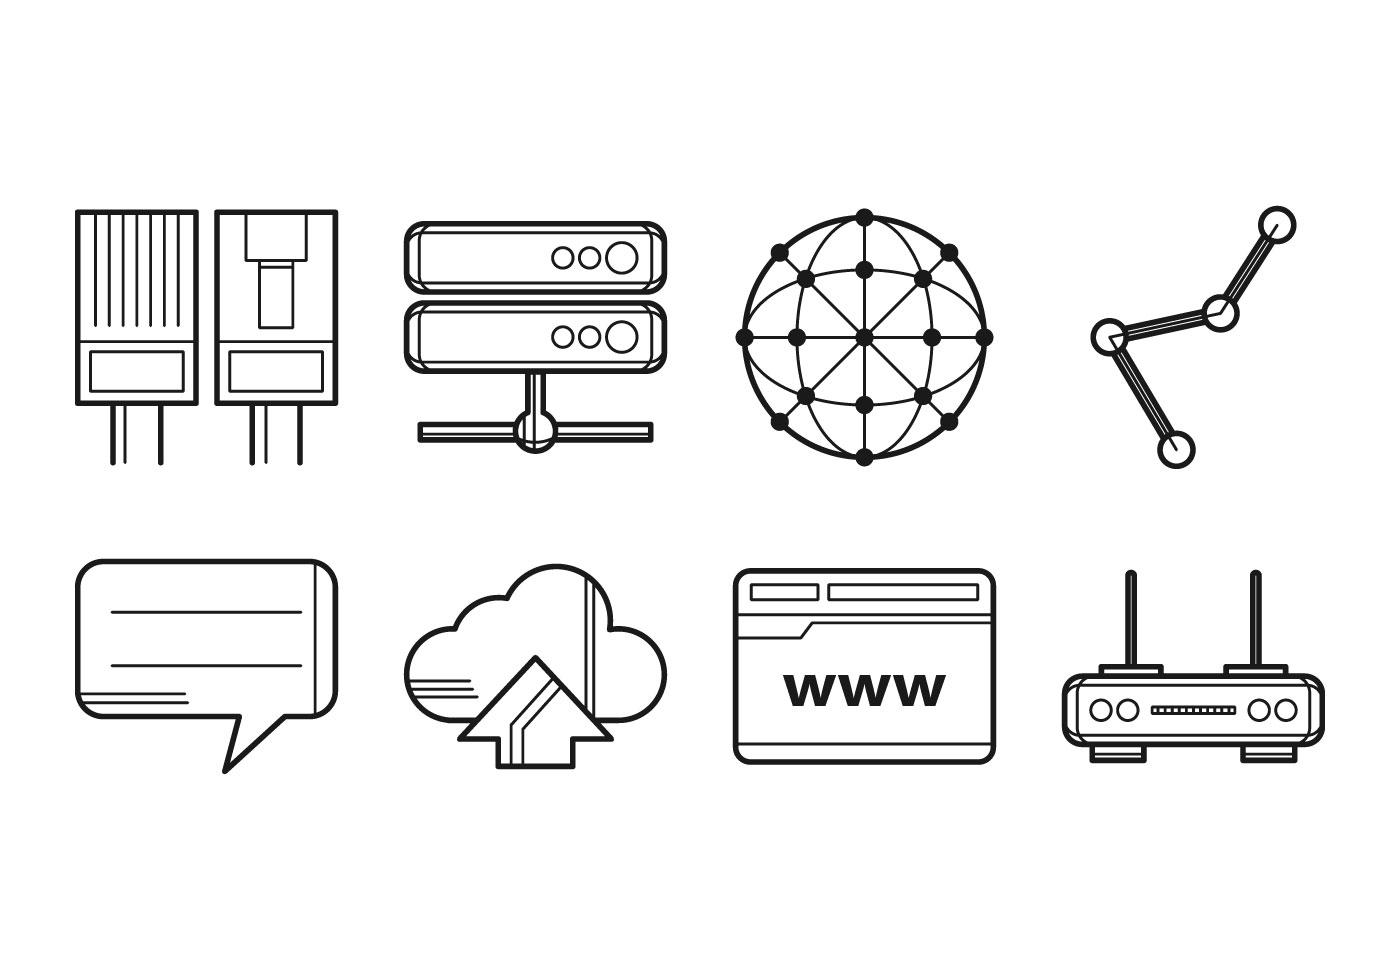 icono de internet gratis icono